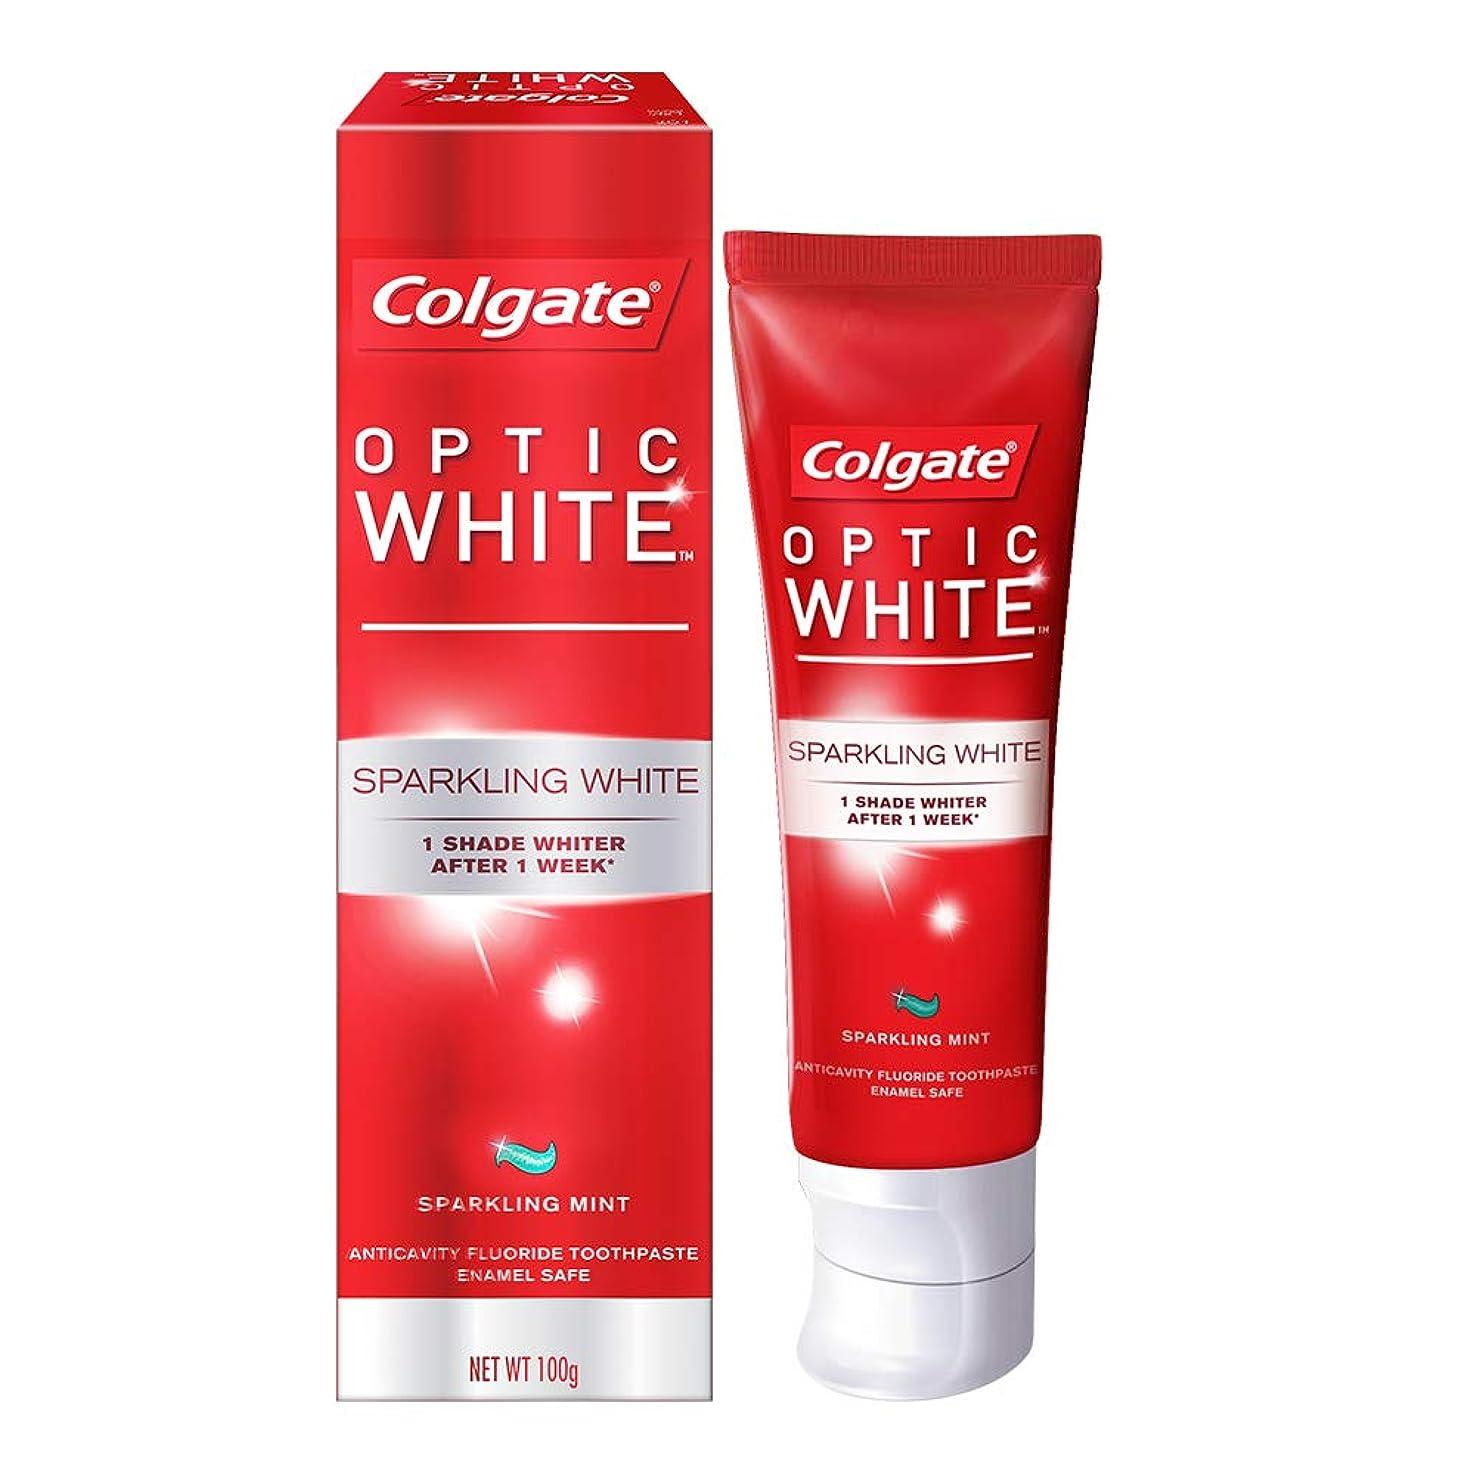 突破口着飾るガイドラインコールゲート オプティック ホワイト スパークリングシャイン 100g 歯磨き粉 Colgate Optic White Sparkling Shine 100g Tooth Paste